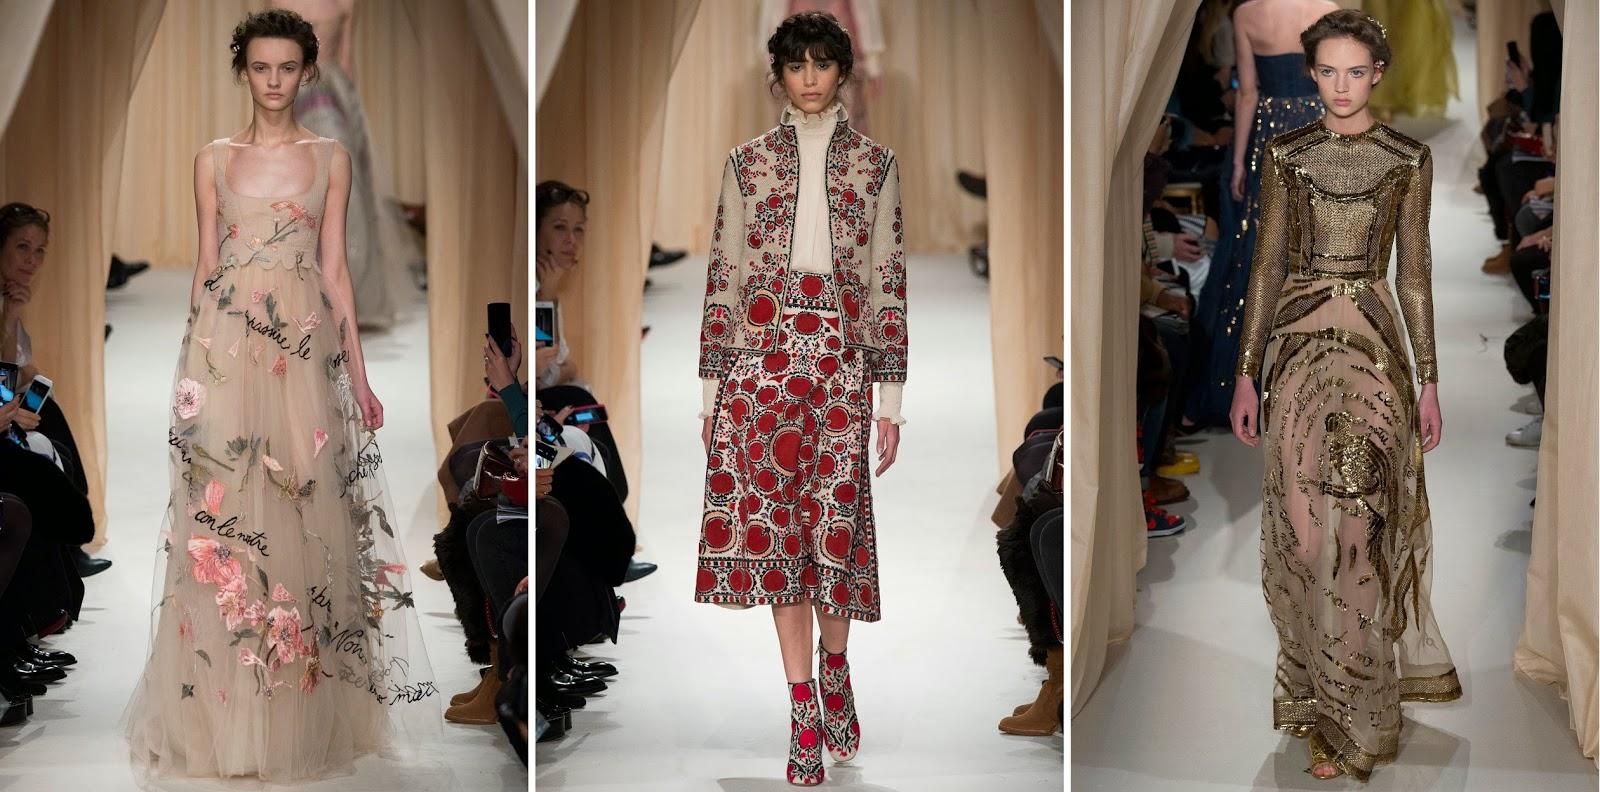 valentino-haute-couture-paris-spring-2015